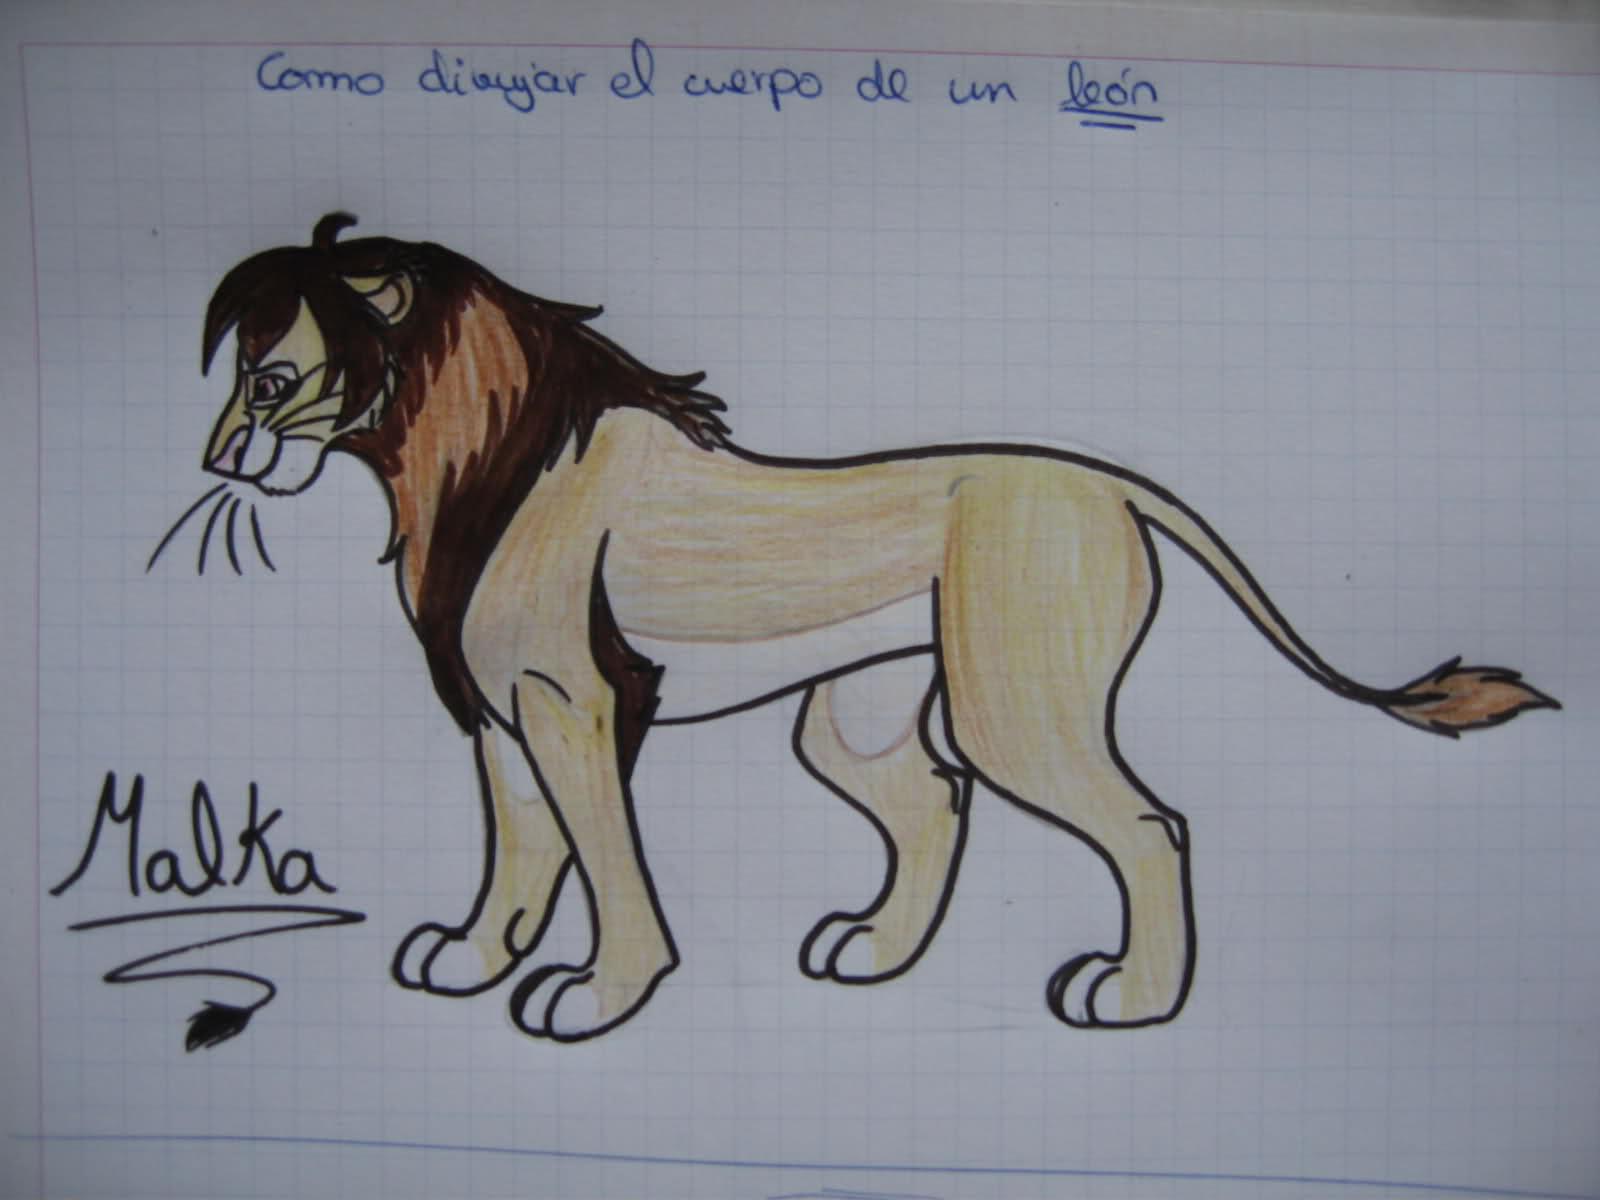 (Tutorial) dibujar un leon en 5 pasos Ei57vp